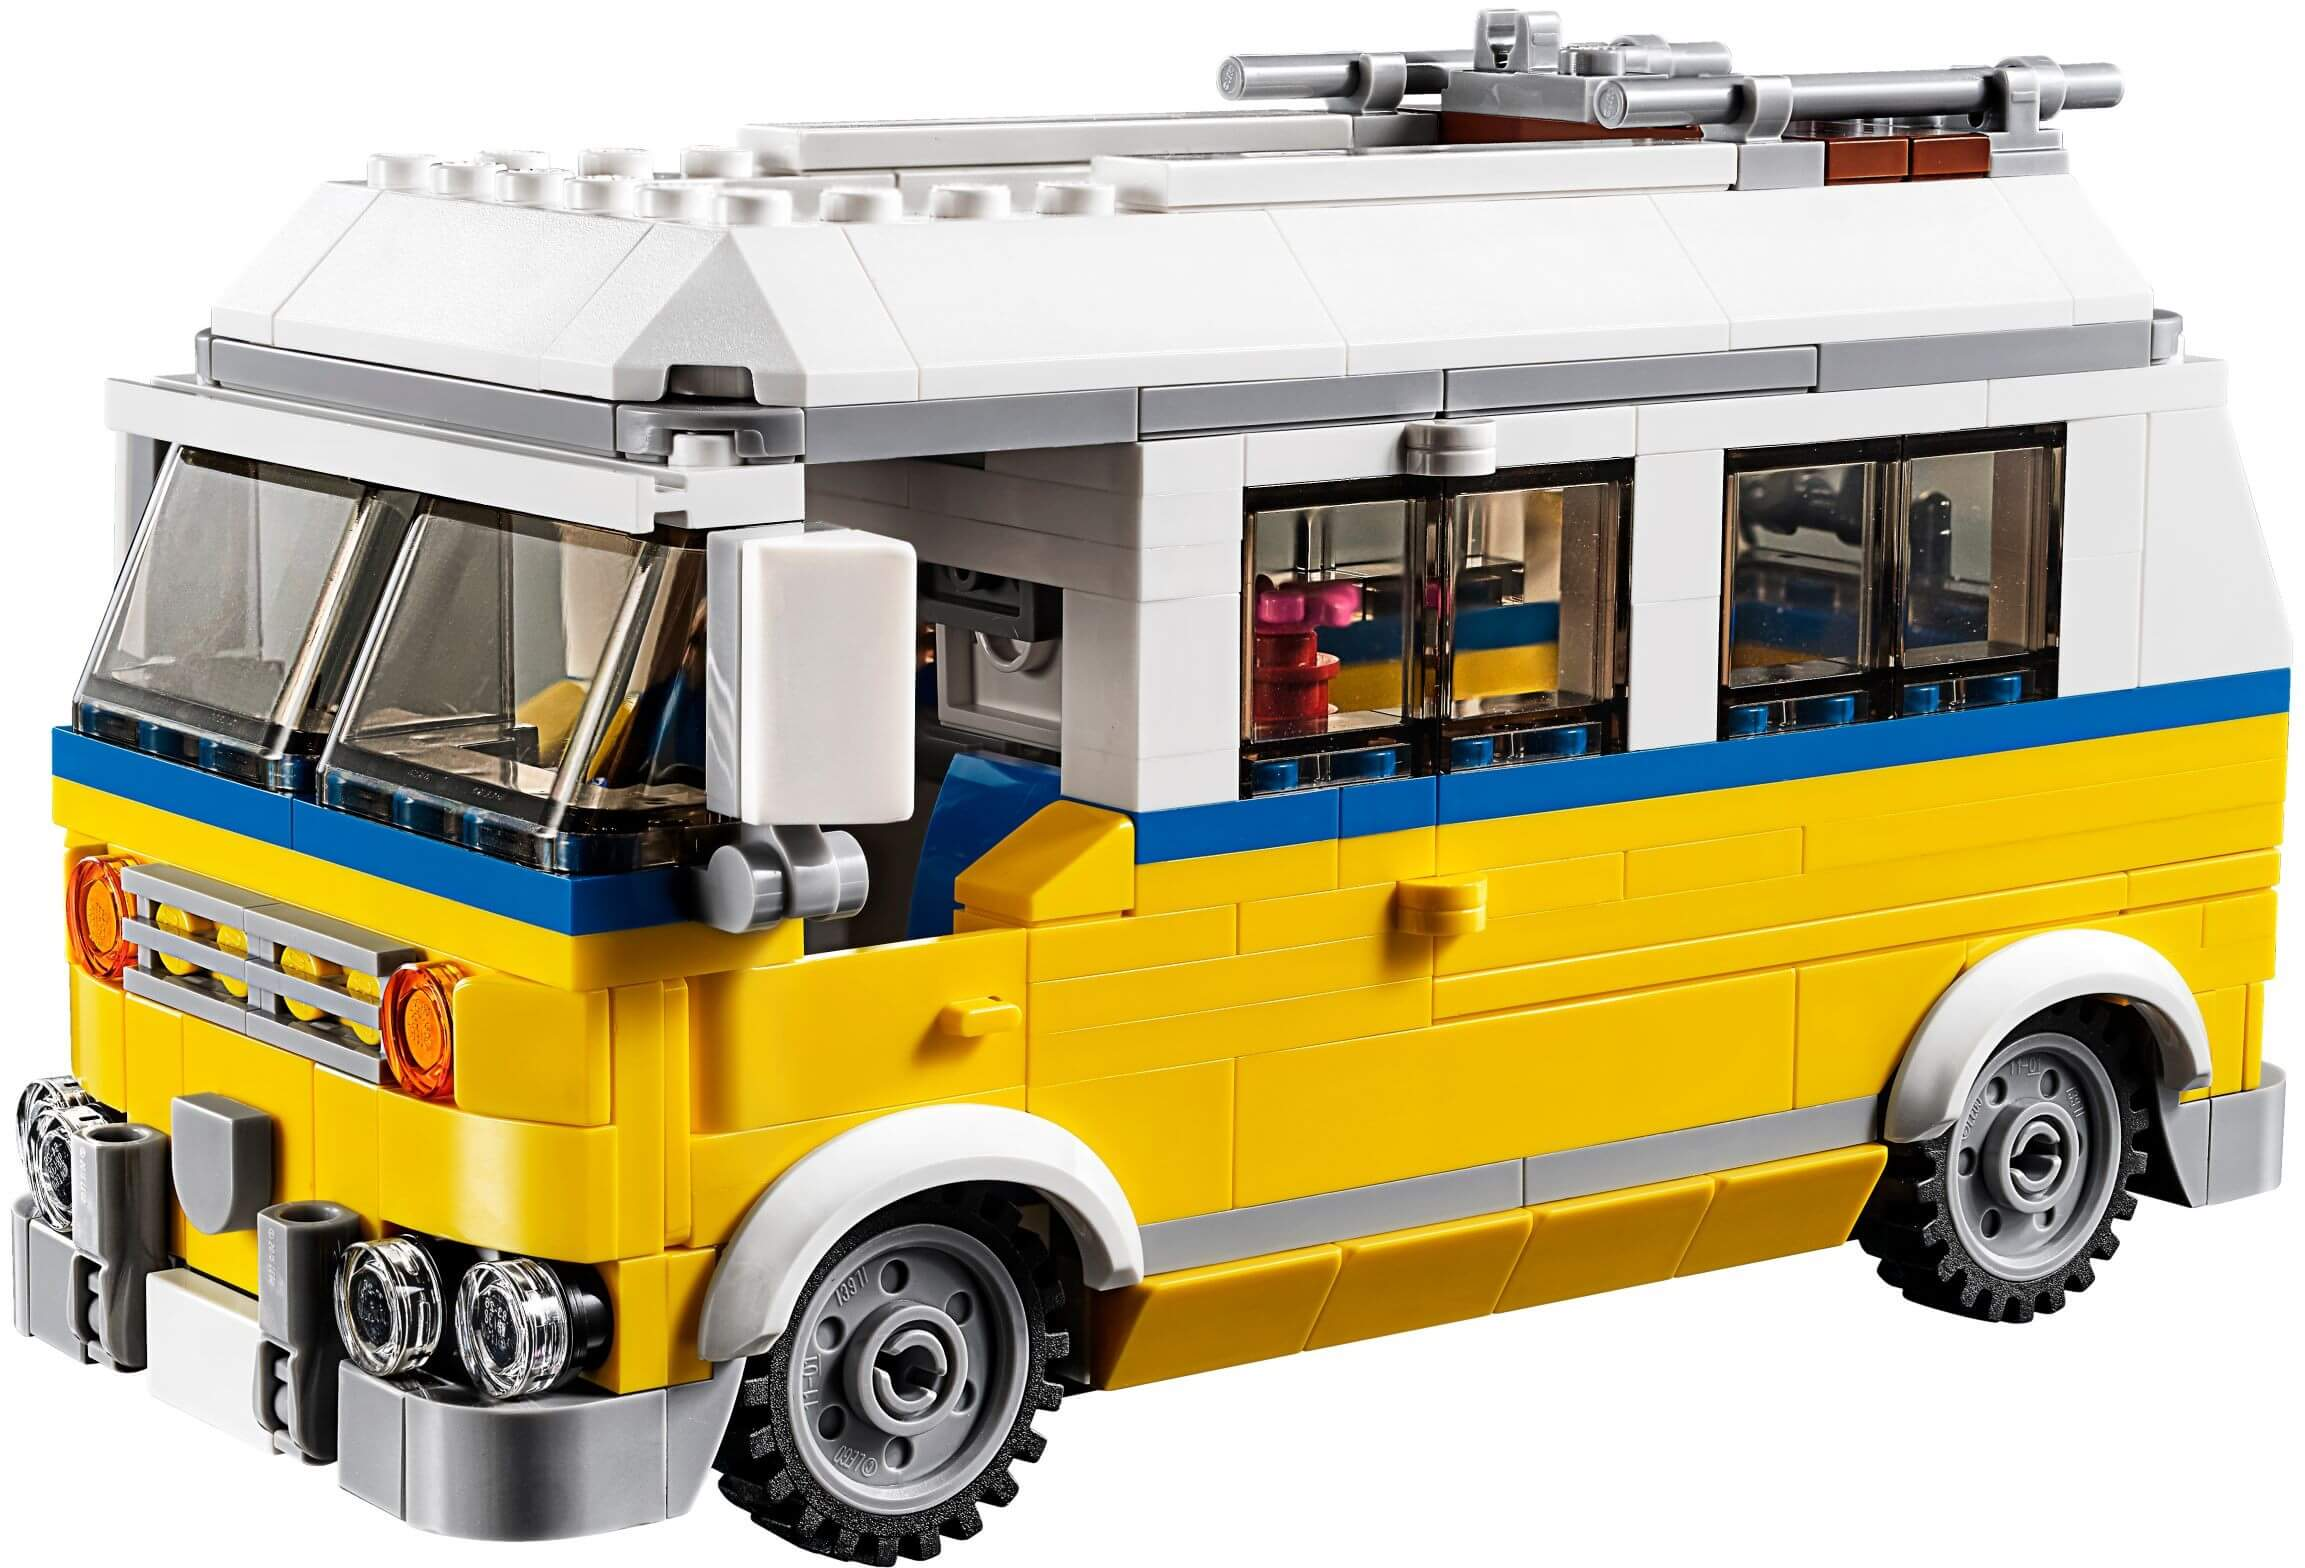 Mua đồ chơi LEGO 31079 - LEGO Creator 31079 - Xếp hình Xe Tải Cắm Trại - Xe Hơi - Nhà cứu hộ 3-trong-1 (LEGO Creator 31079 Sunshine Surfer Van)